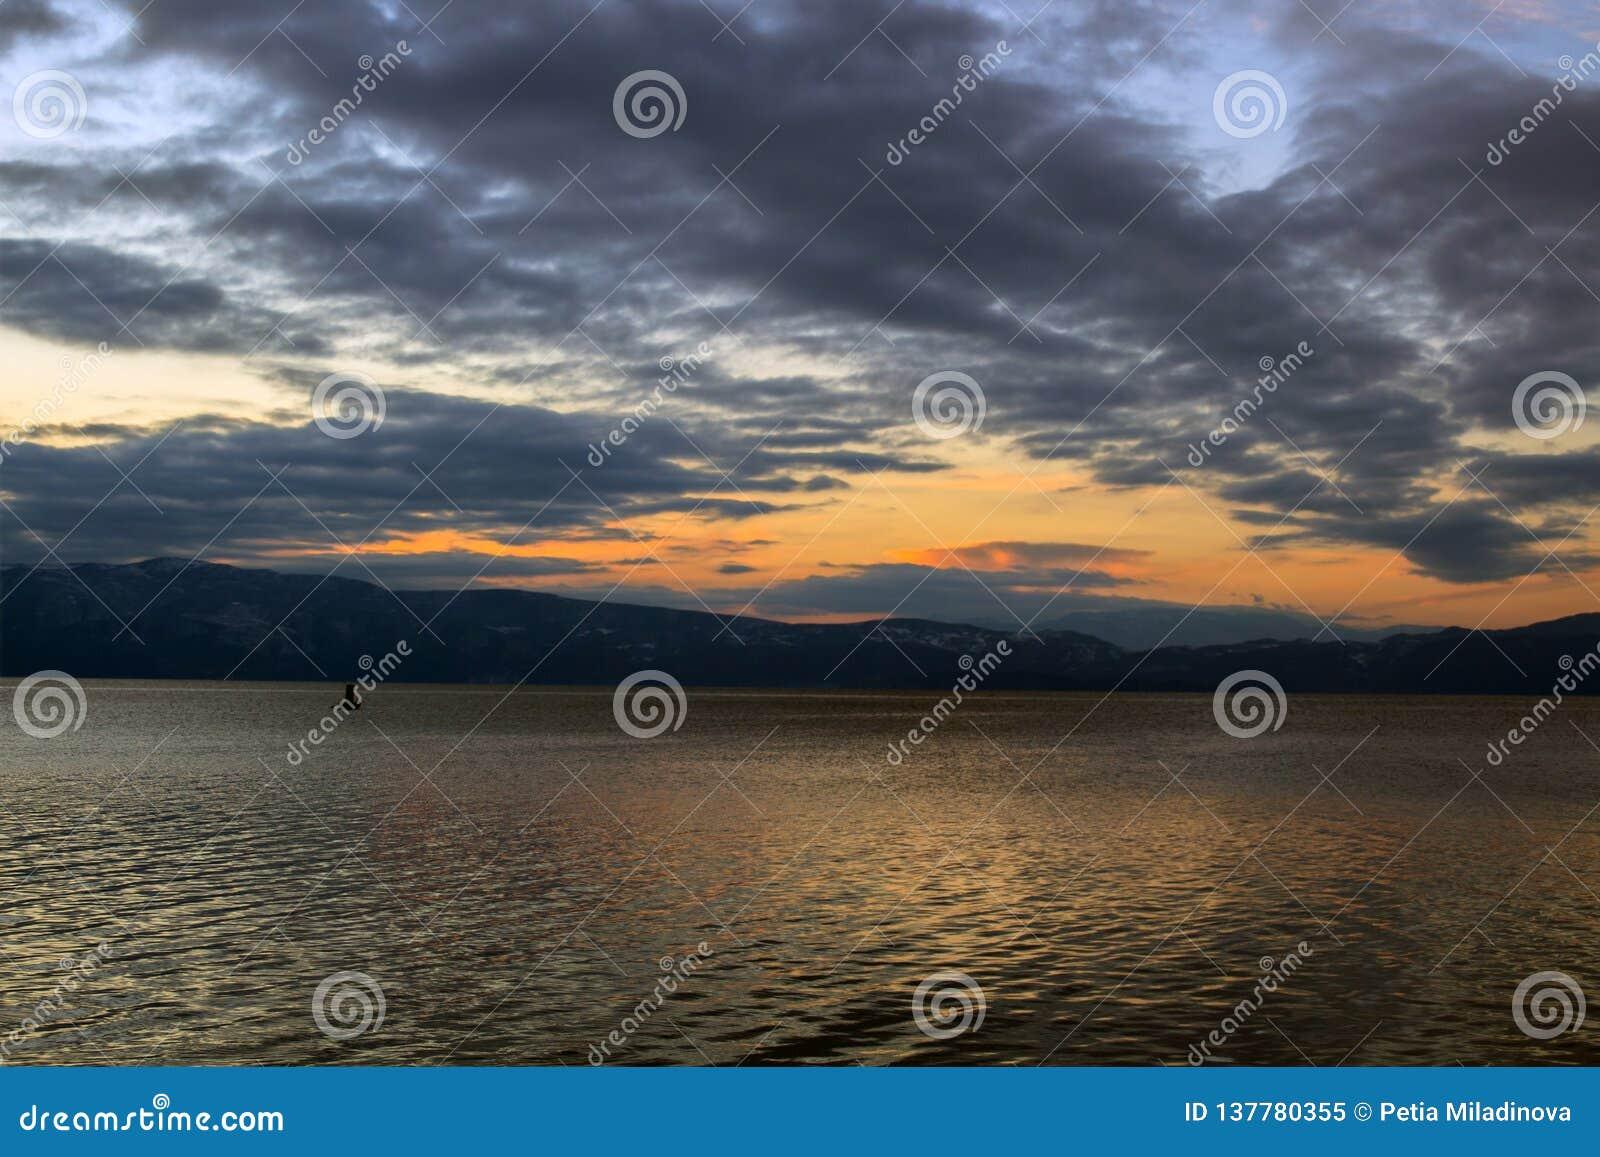 Een toneelzonsondergang met een zwarte wolk boven de laatste zonneschijn dacht in Ohrid-Meer, Macedonië na